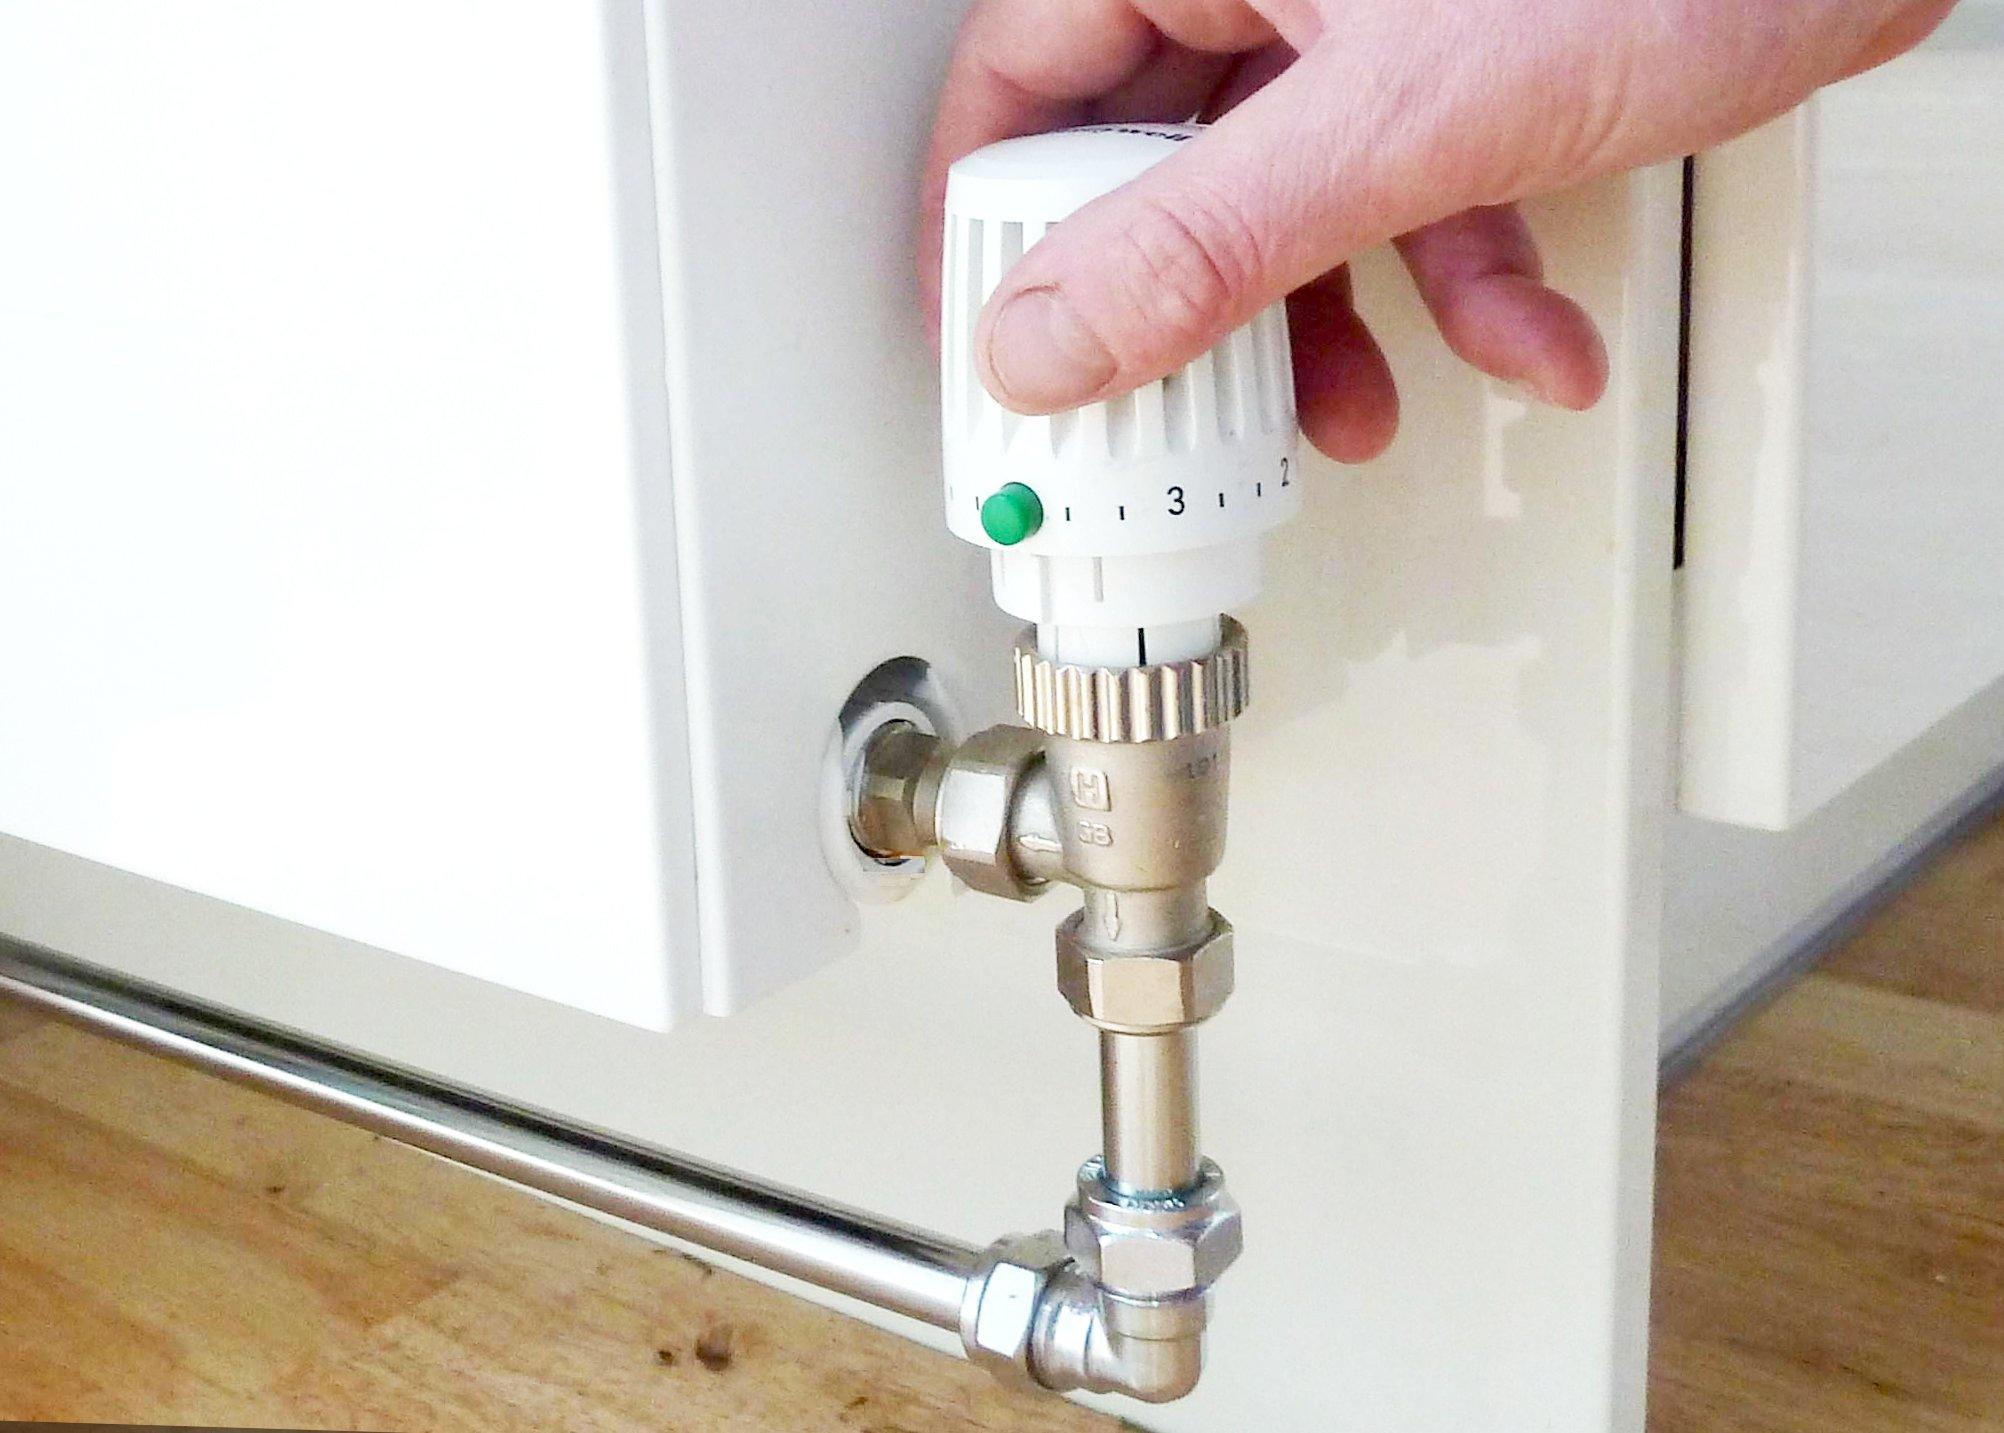 Принципы работы и монтаж однотрубной системы отопления в двухэтажном доме